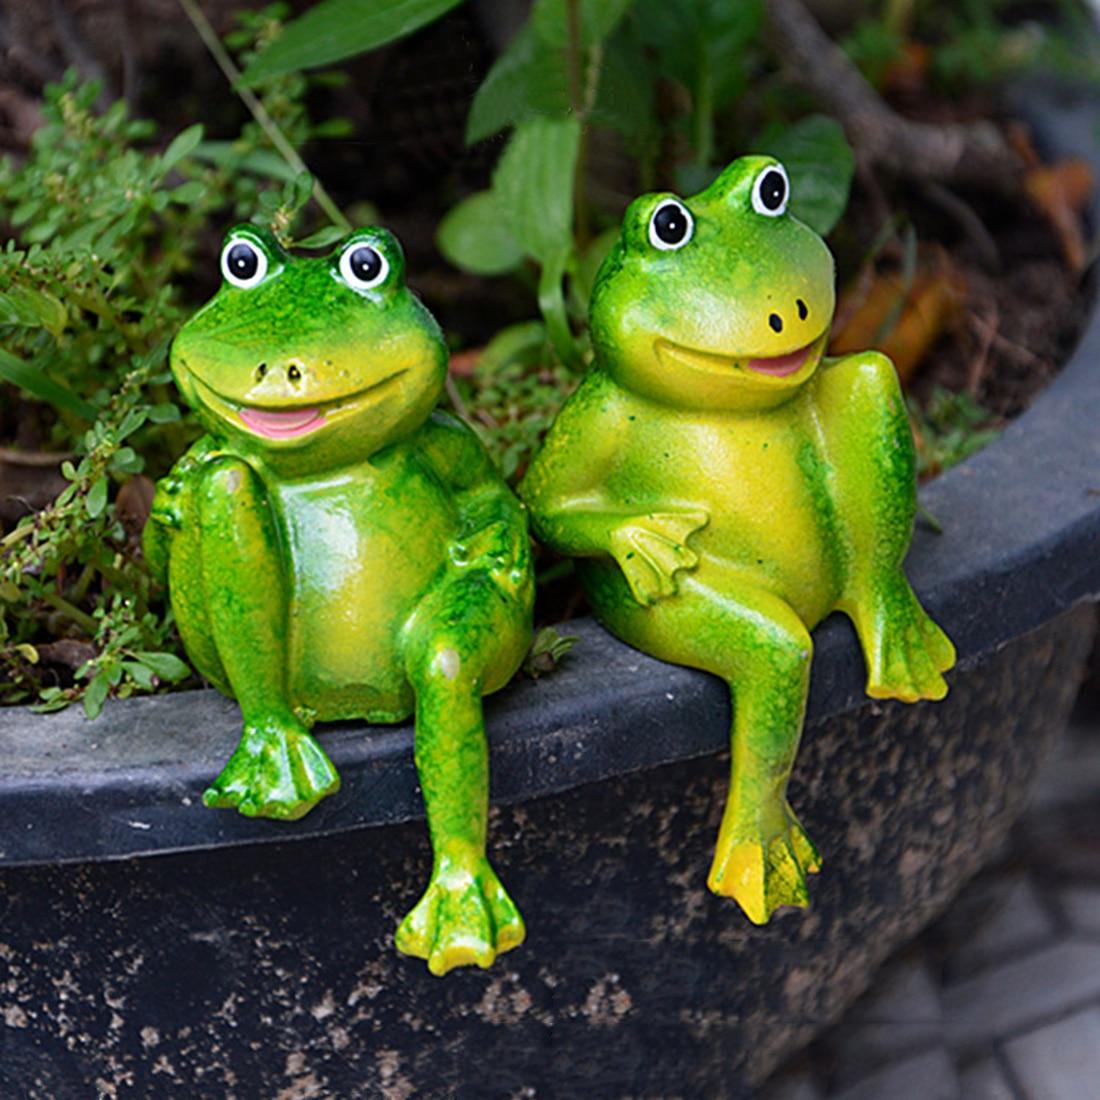 1 para śliczne żywica siedzi żaby statua wystrój ogrodu ative żaby rzeźba dla domu staw wystrój ogrodu małe Spotted żaby w Posągi i rzeźby ogrodowe od Dom i ogród na